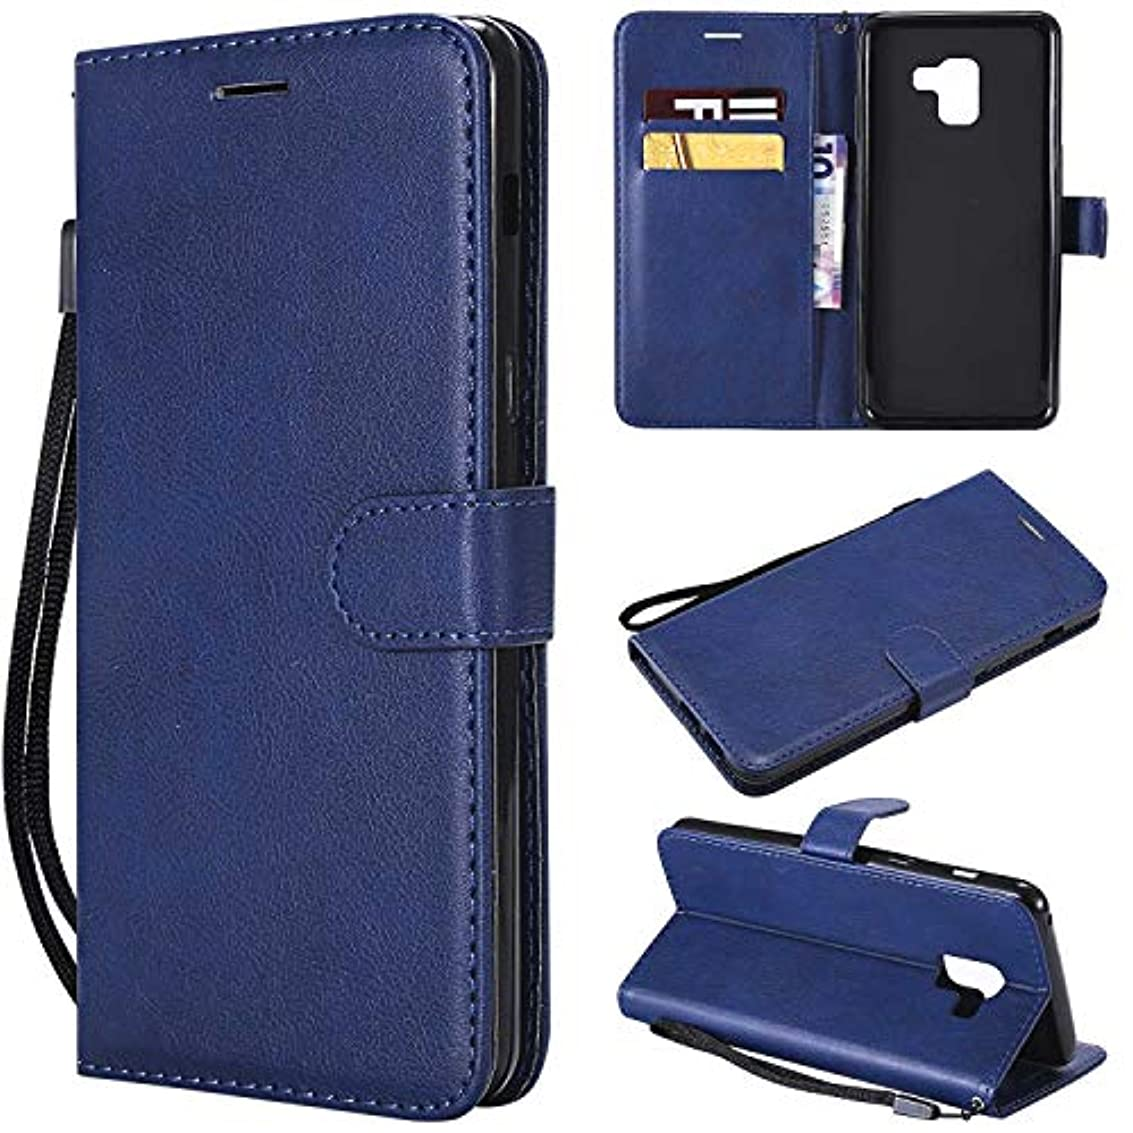 ニコチン信頼性黙Galaxy A8 Plus ケース手帳型 OMATENTI レザー 革 薄型 手帳型カバー カード入れ スタンド機能 サムスン Galaxy A8 Plus おしゃれ 手帳ケース (6-ブルー)